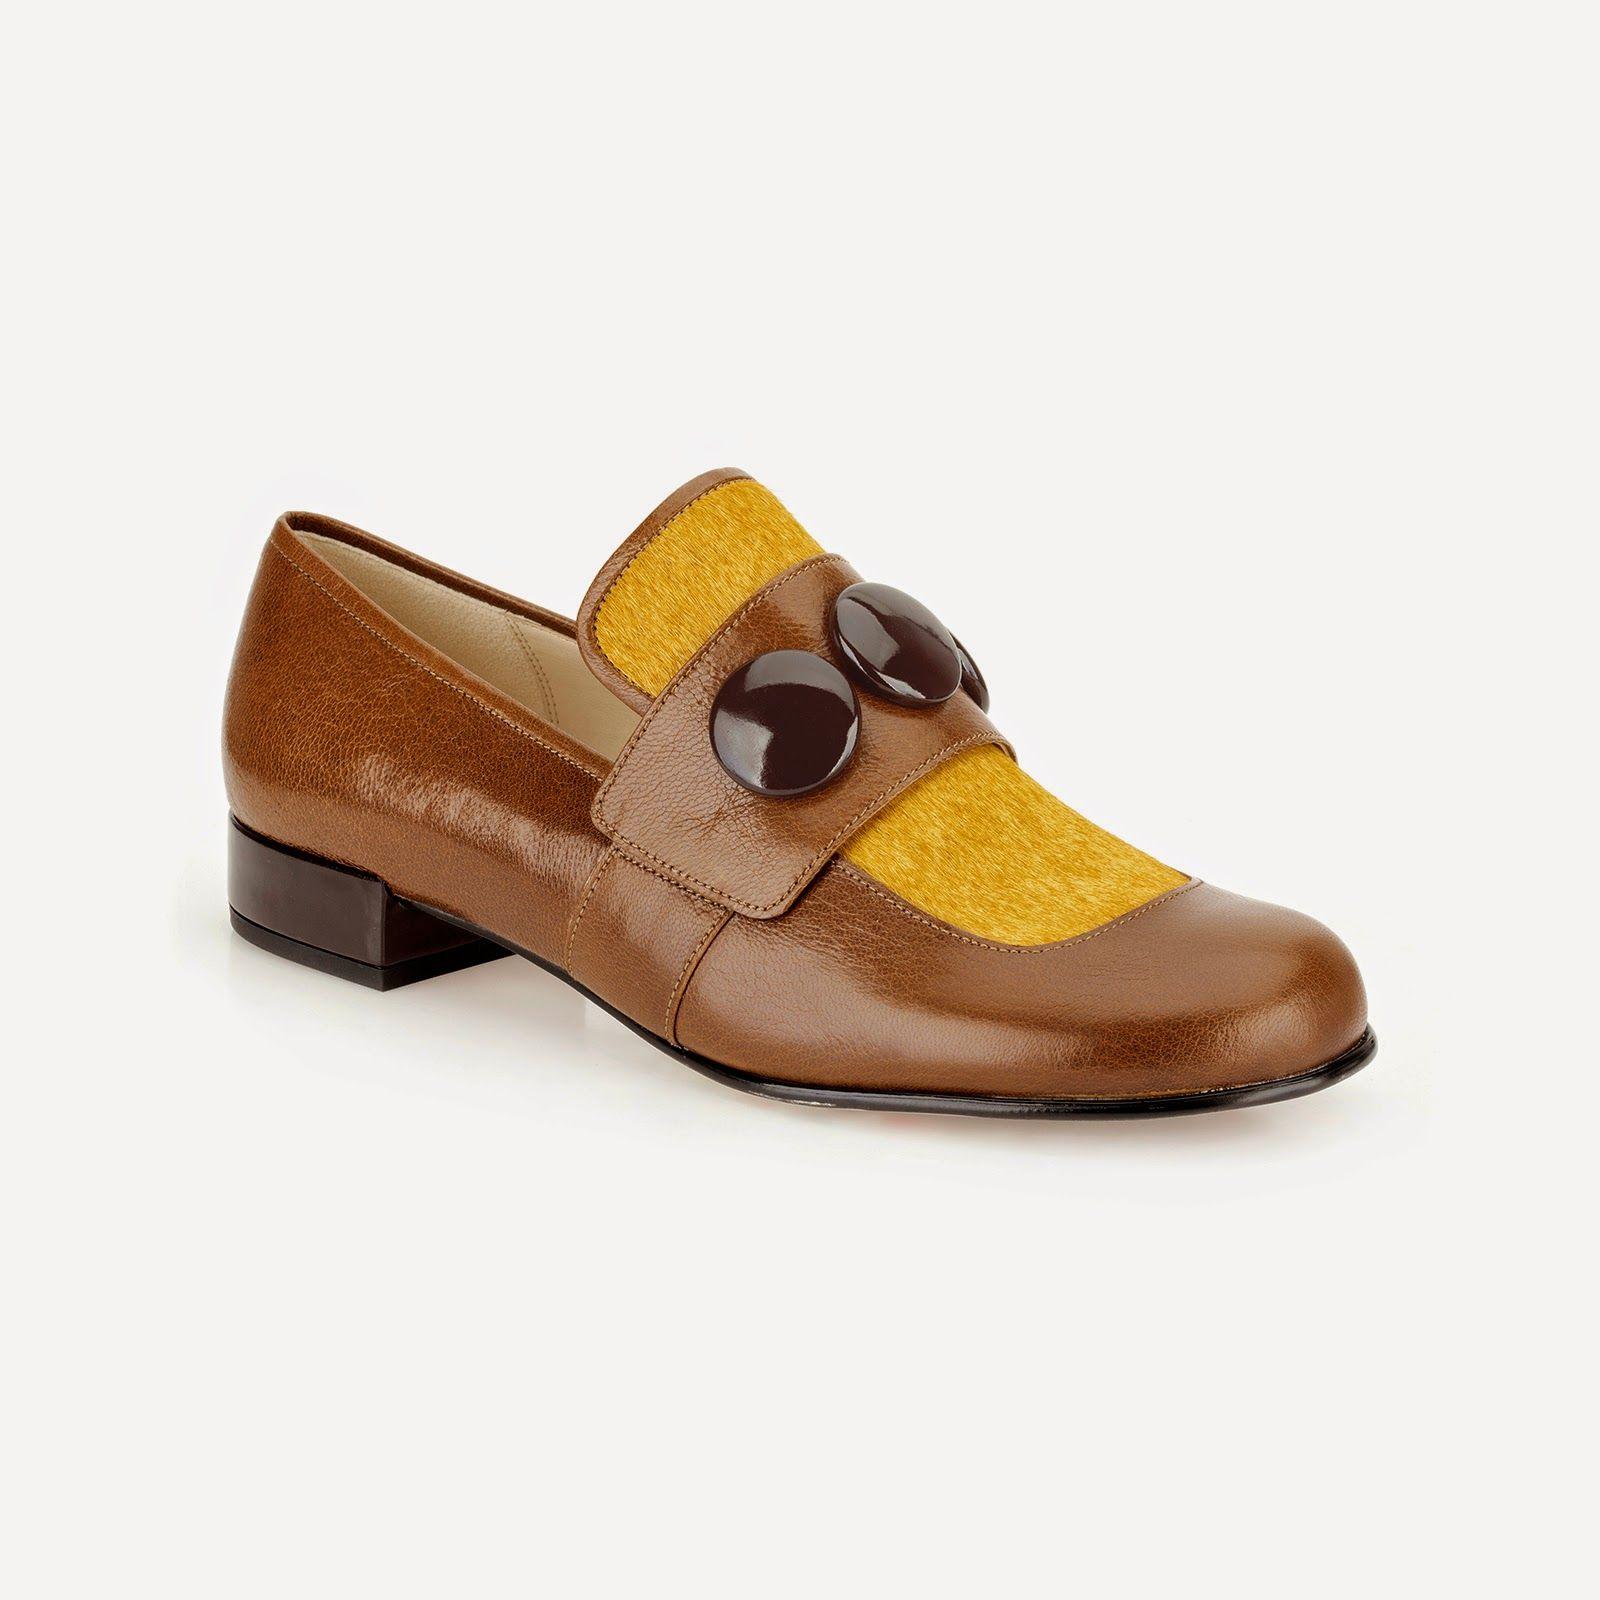 ClarksLeer For Orla ShoesIn Kiely Clarks Style rdthsCQ